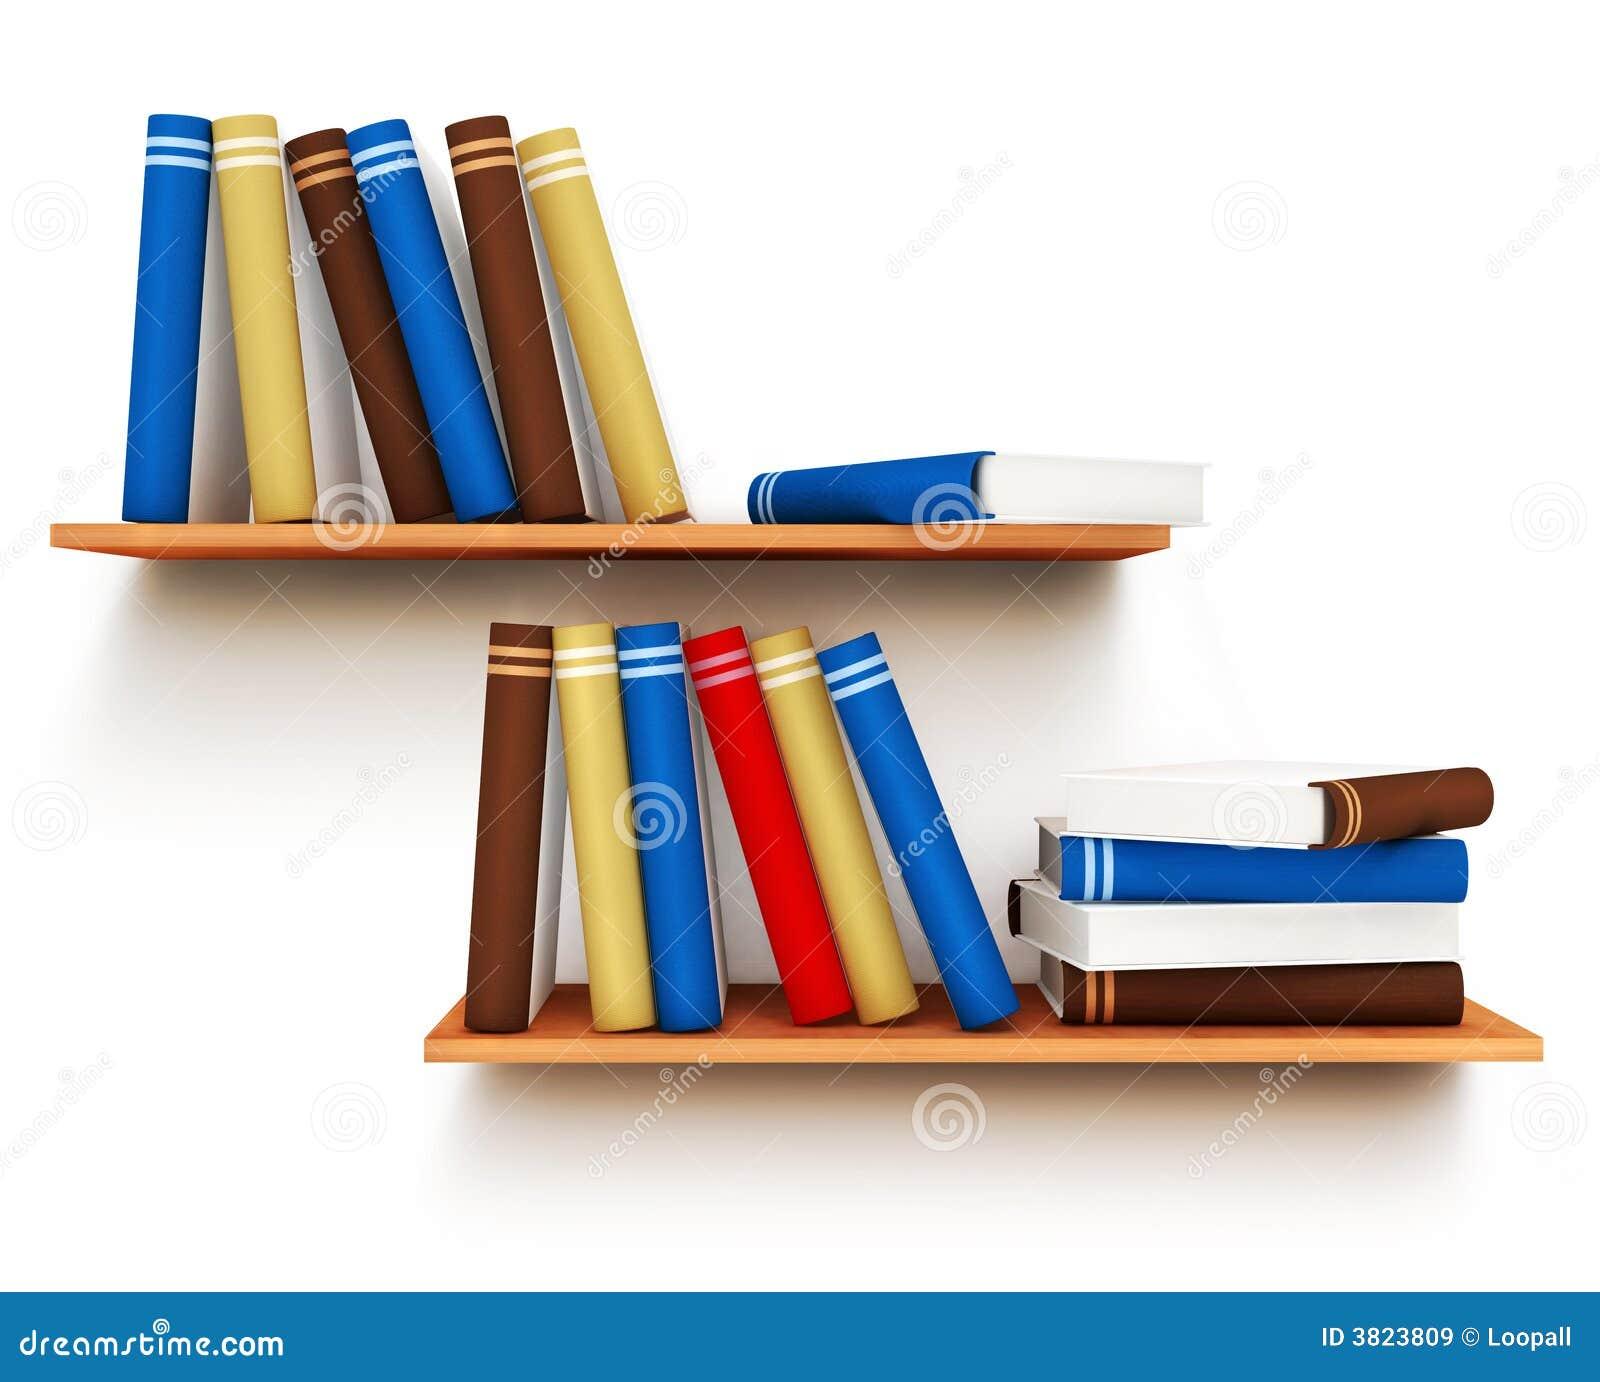 Libros en el estante im genes de archivo libres de - Estantes para libros ...